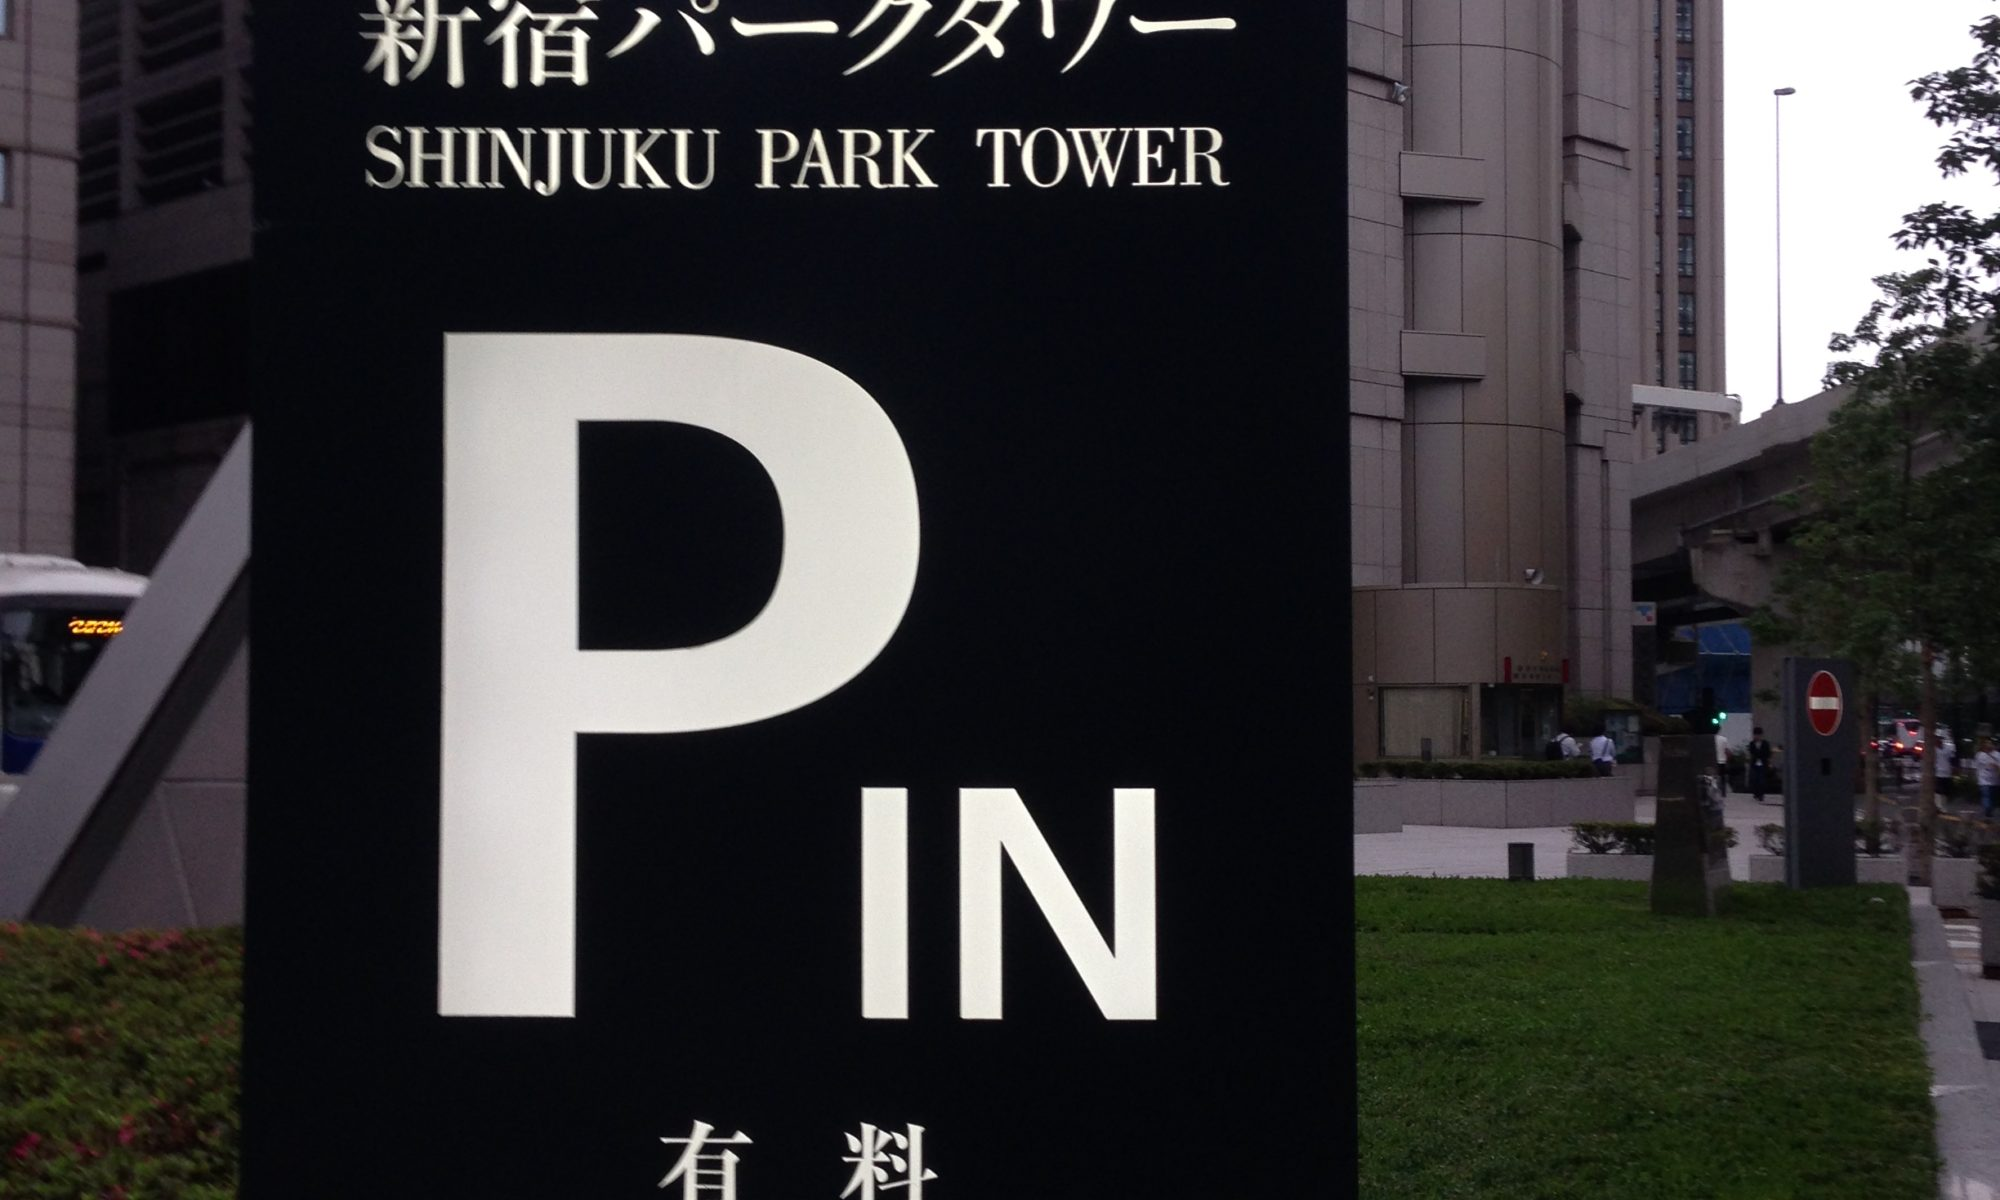 Park Hyatt Shinjuku